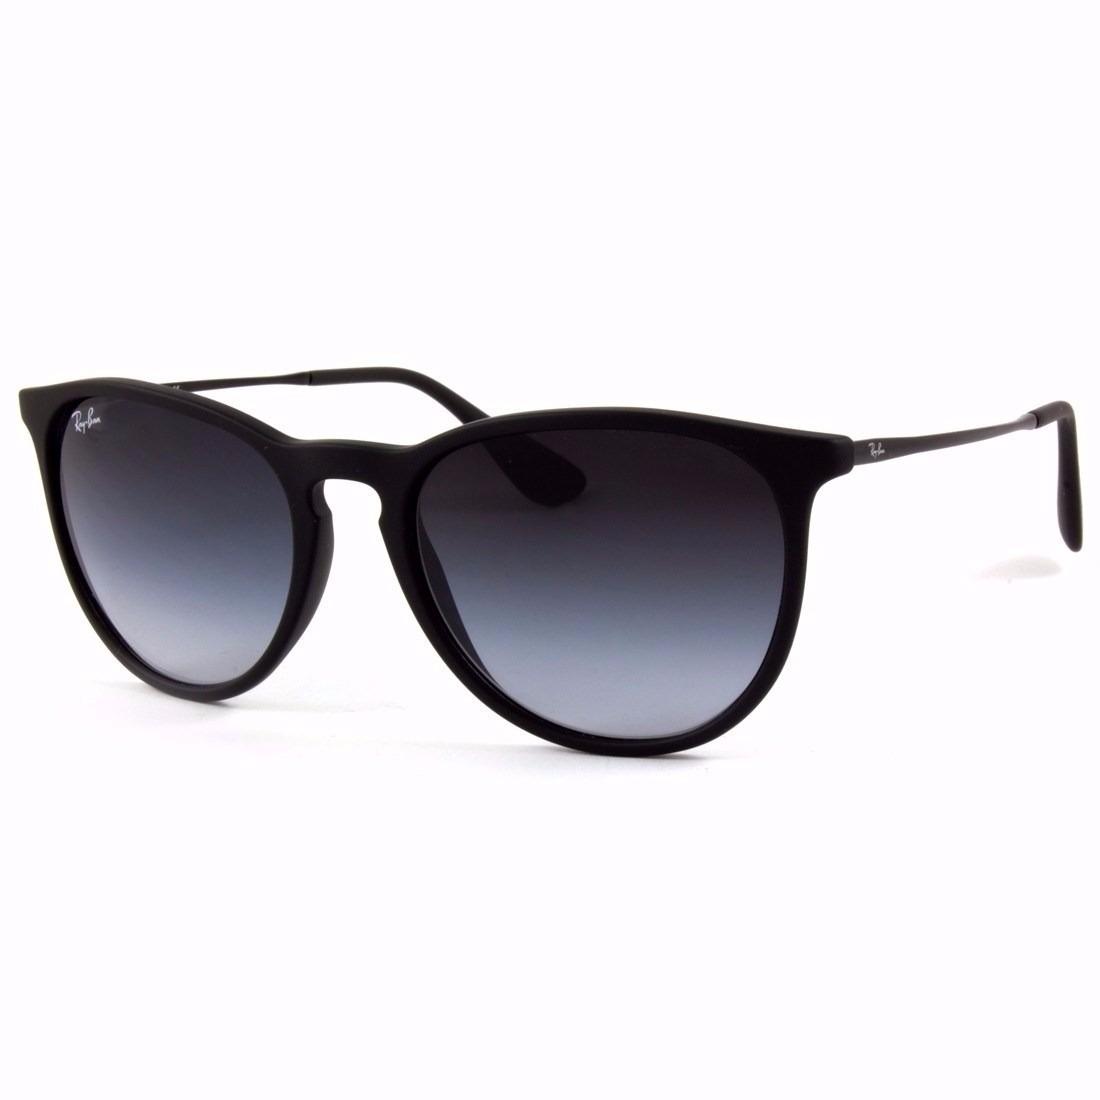 5dc33dd92a óculos de sol rayban feminino erika promoção. Carregando zoom.